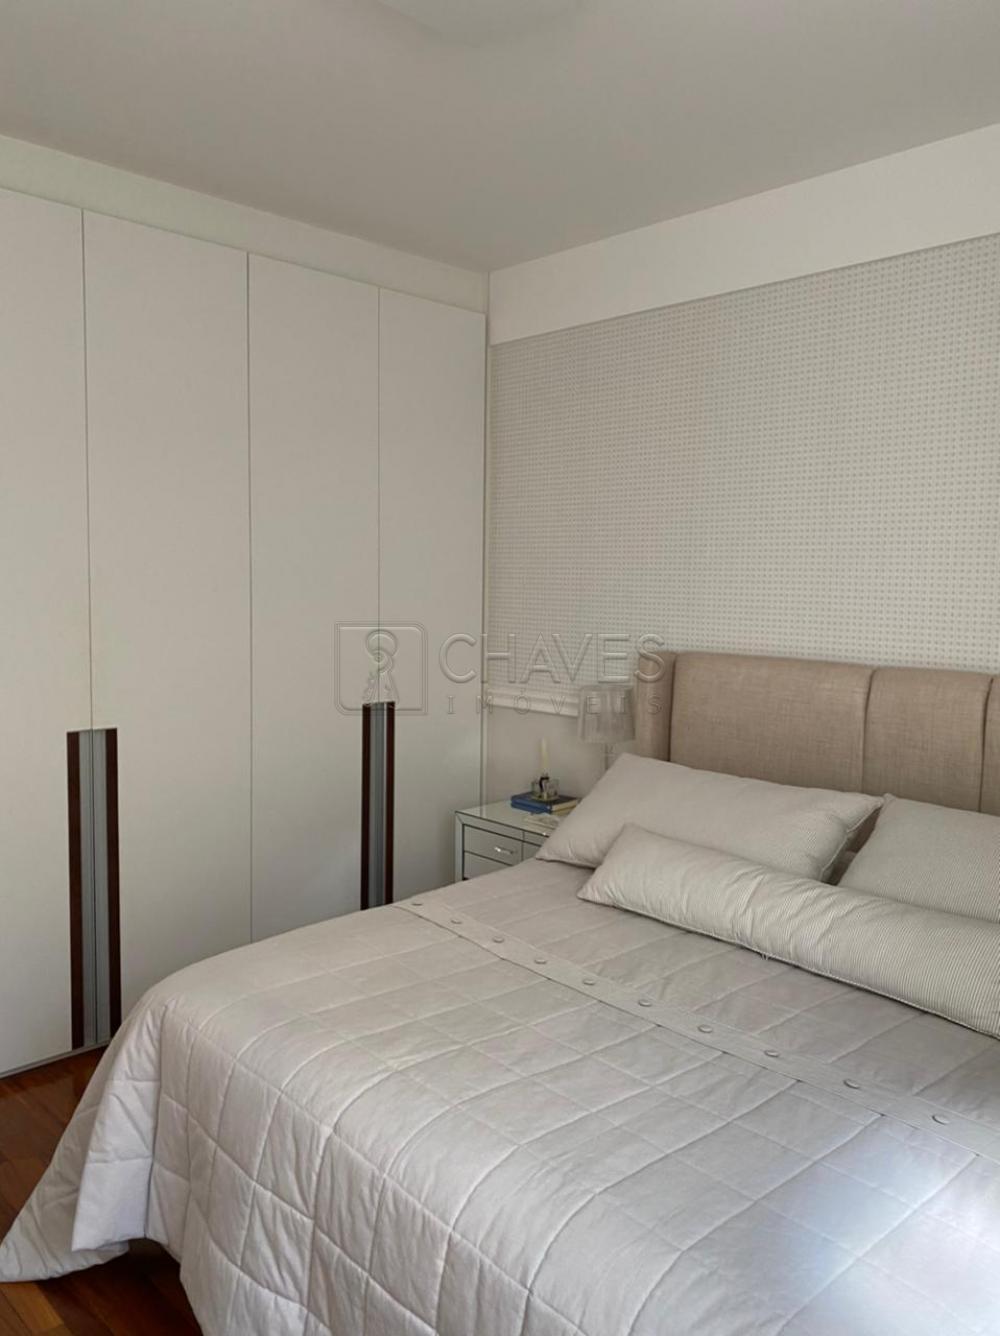 Comprar Casa / Condomínio em Ribeirão Preto R$ 4.900.000,00 - Foto 20